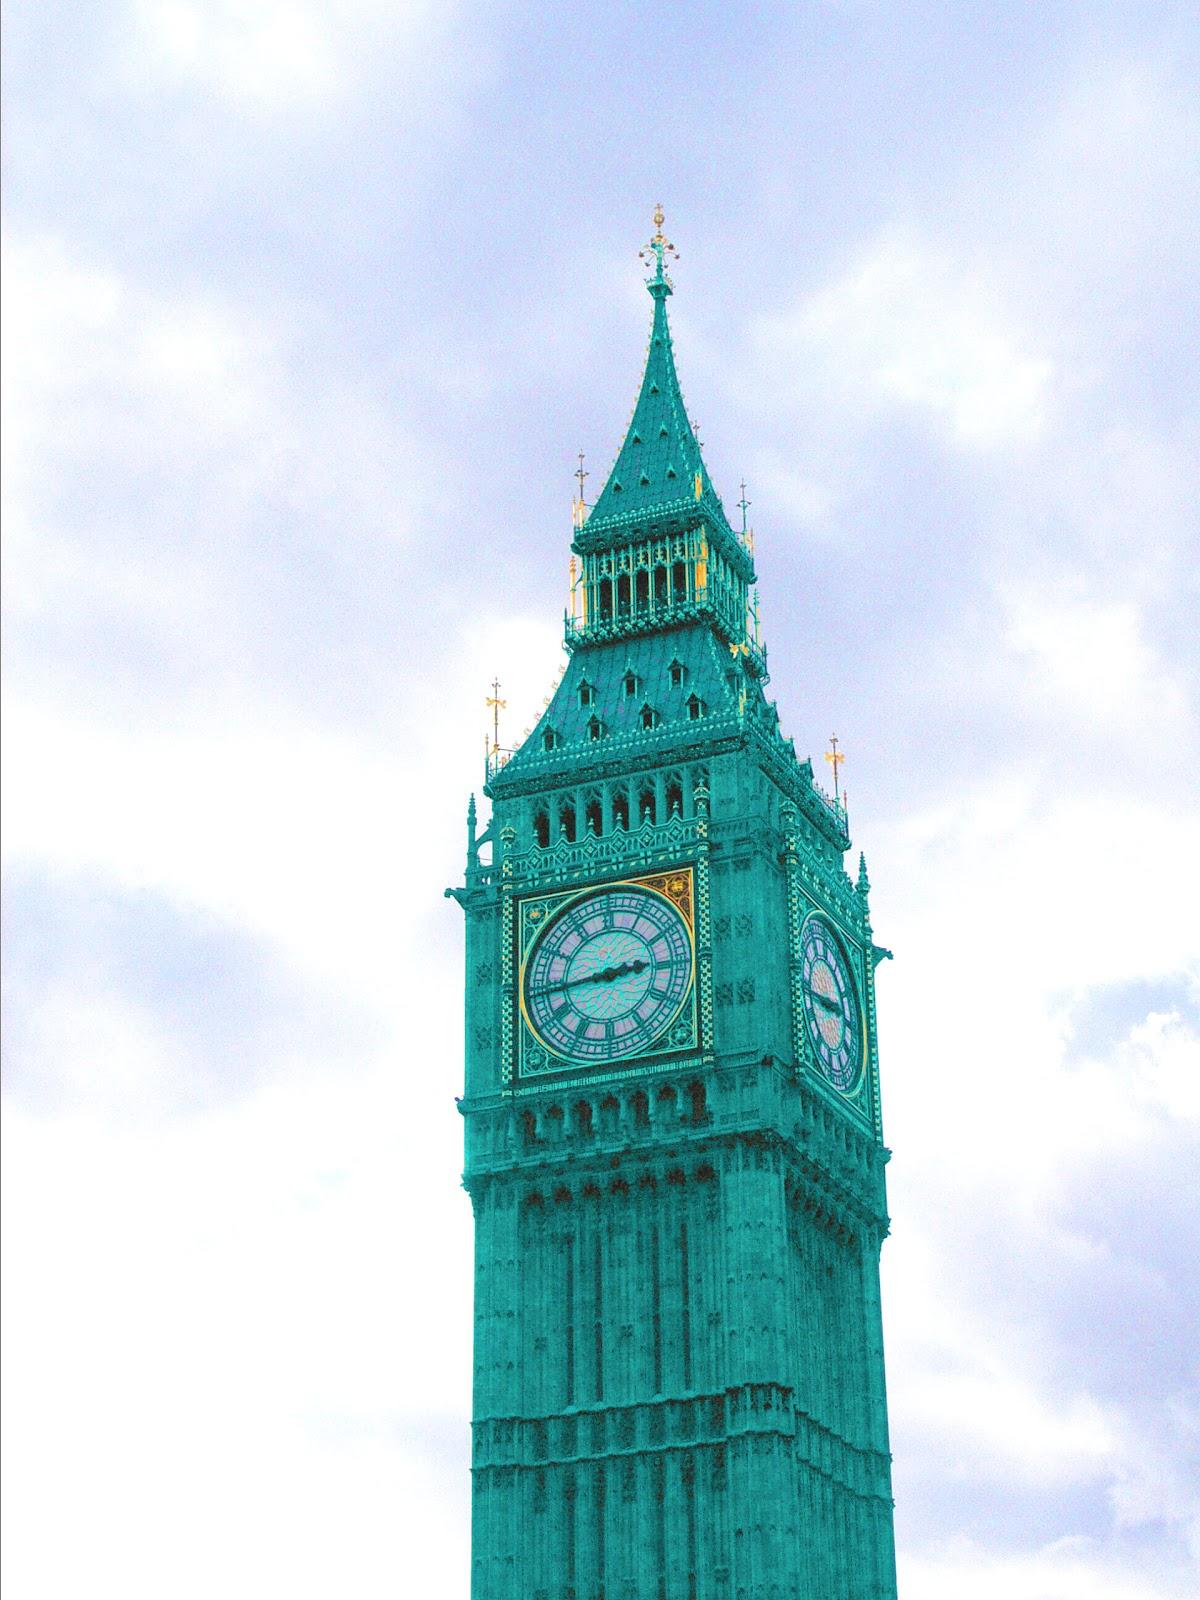 Bilder-Bibliothek: London Wahrzeichen - Big Ben in neuer Farbe